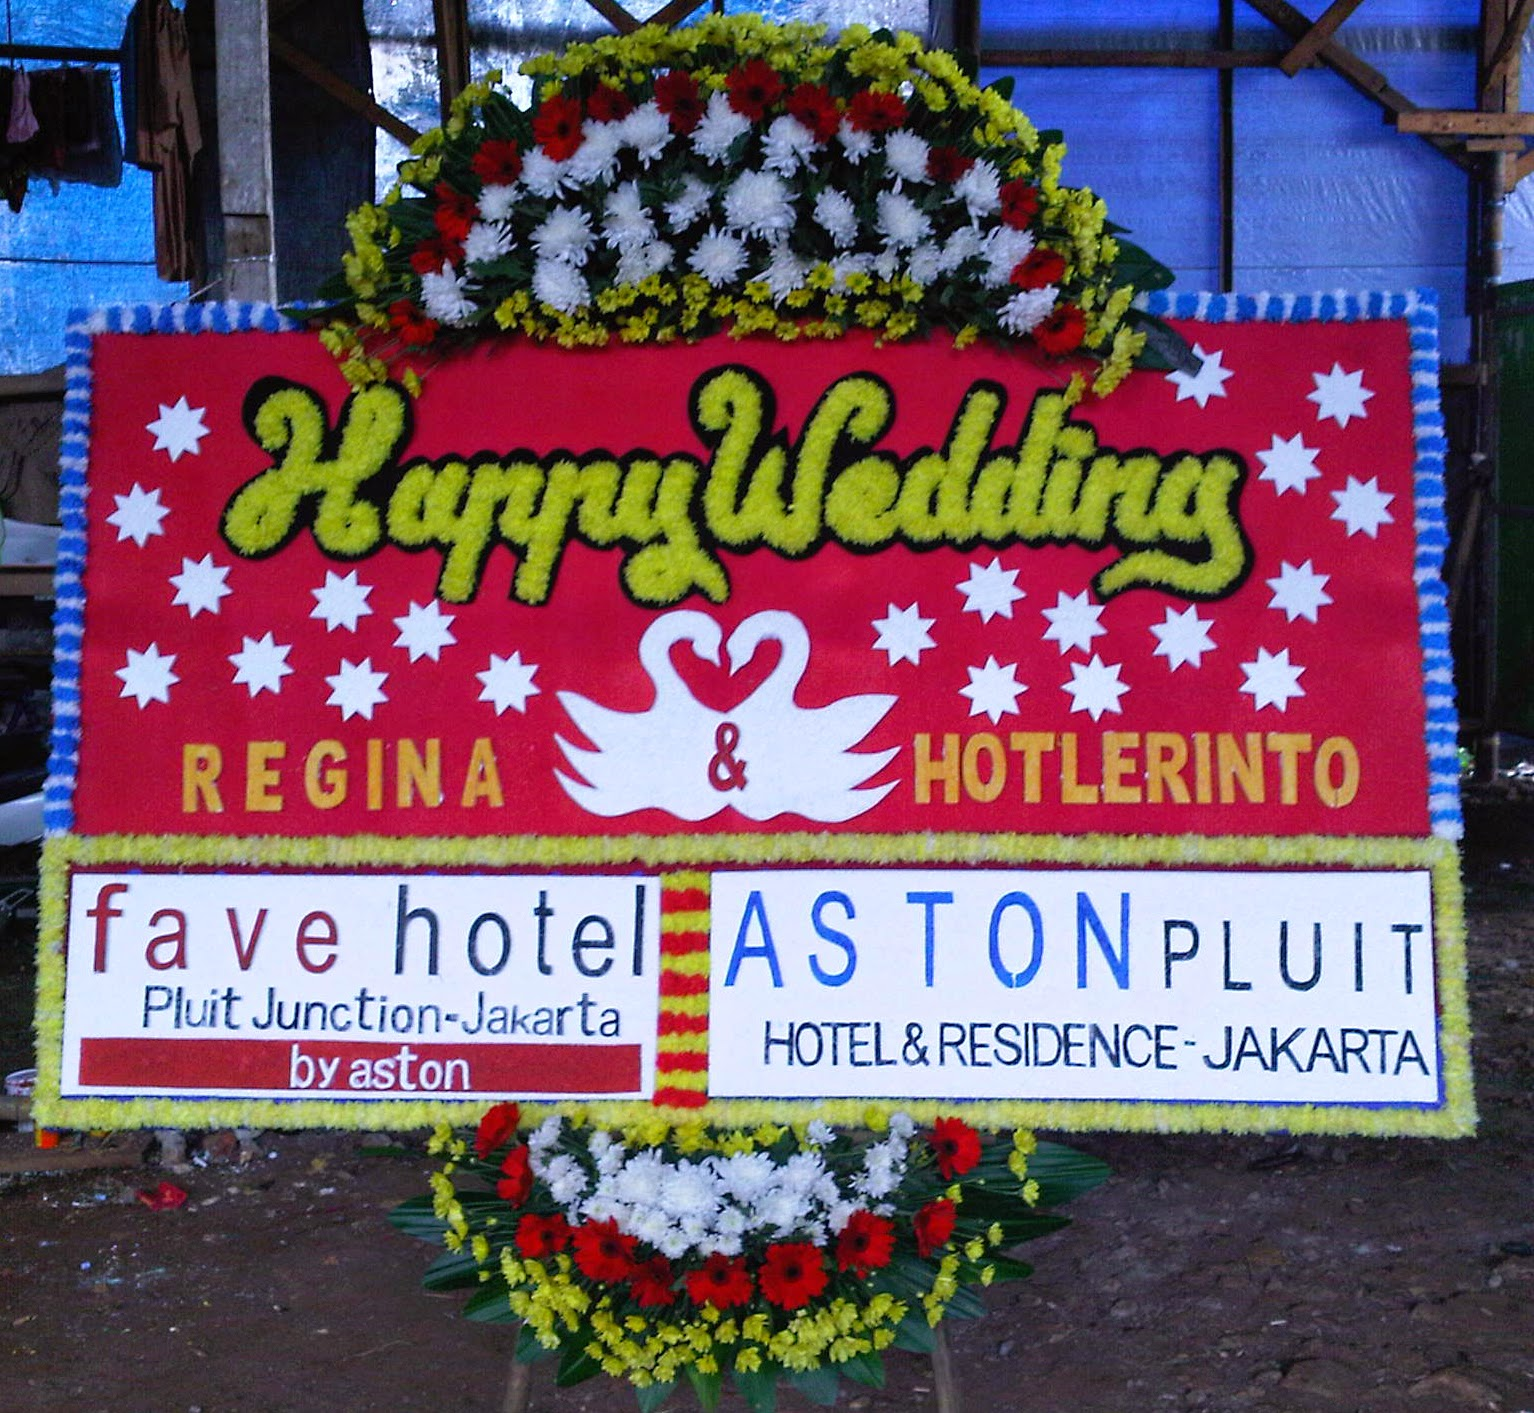 Bunga Papan Pernikahan Bogor